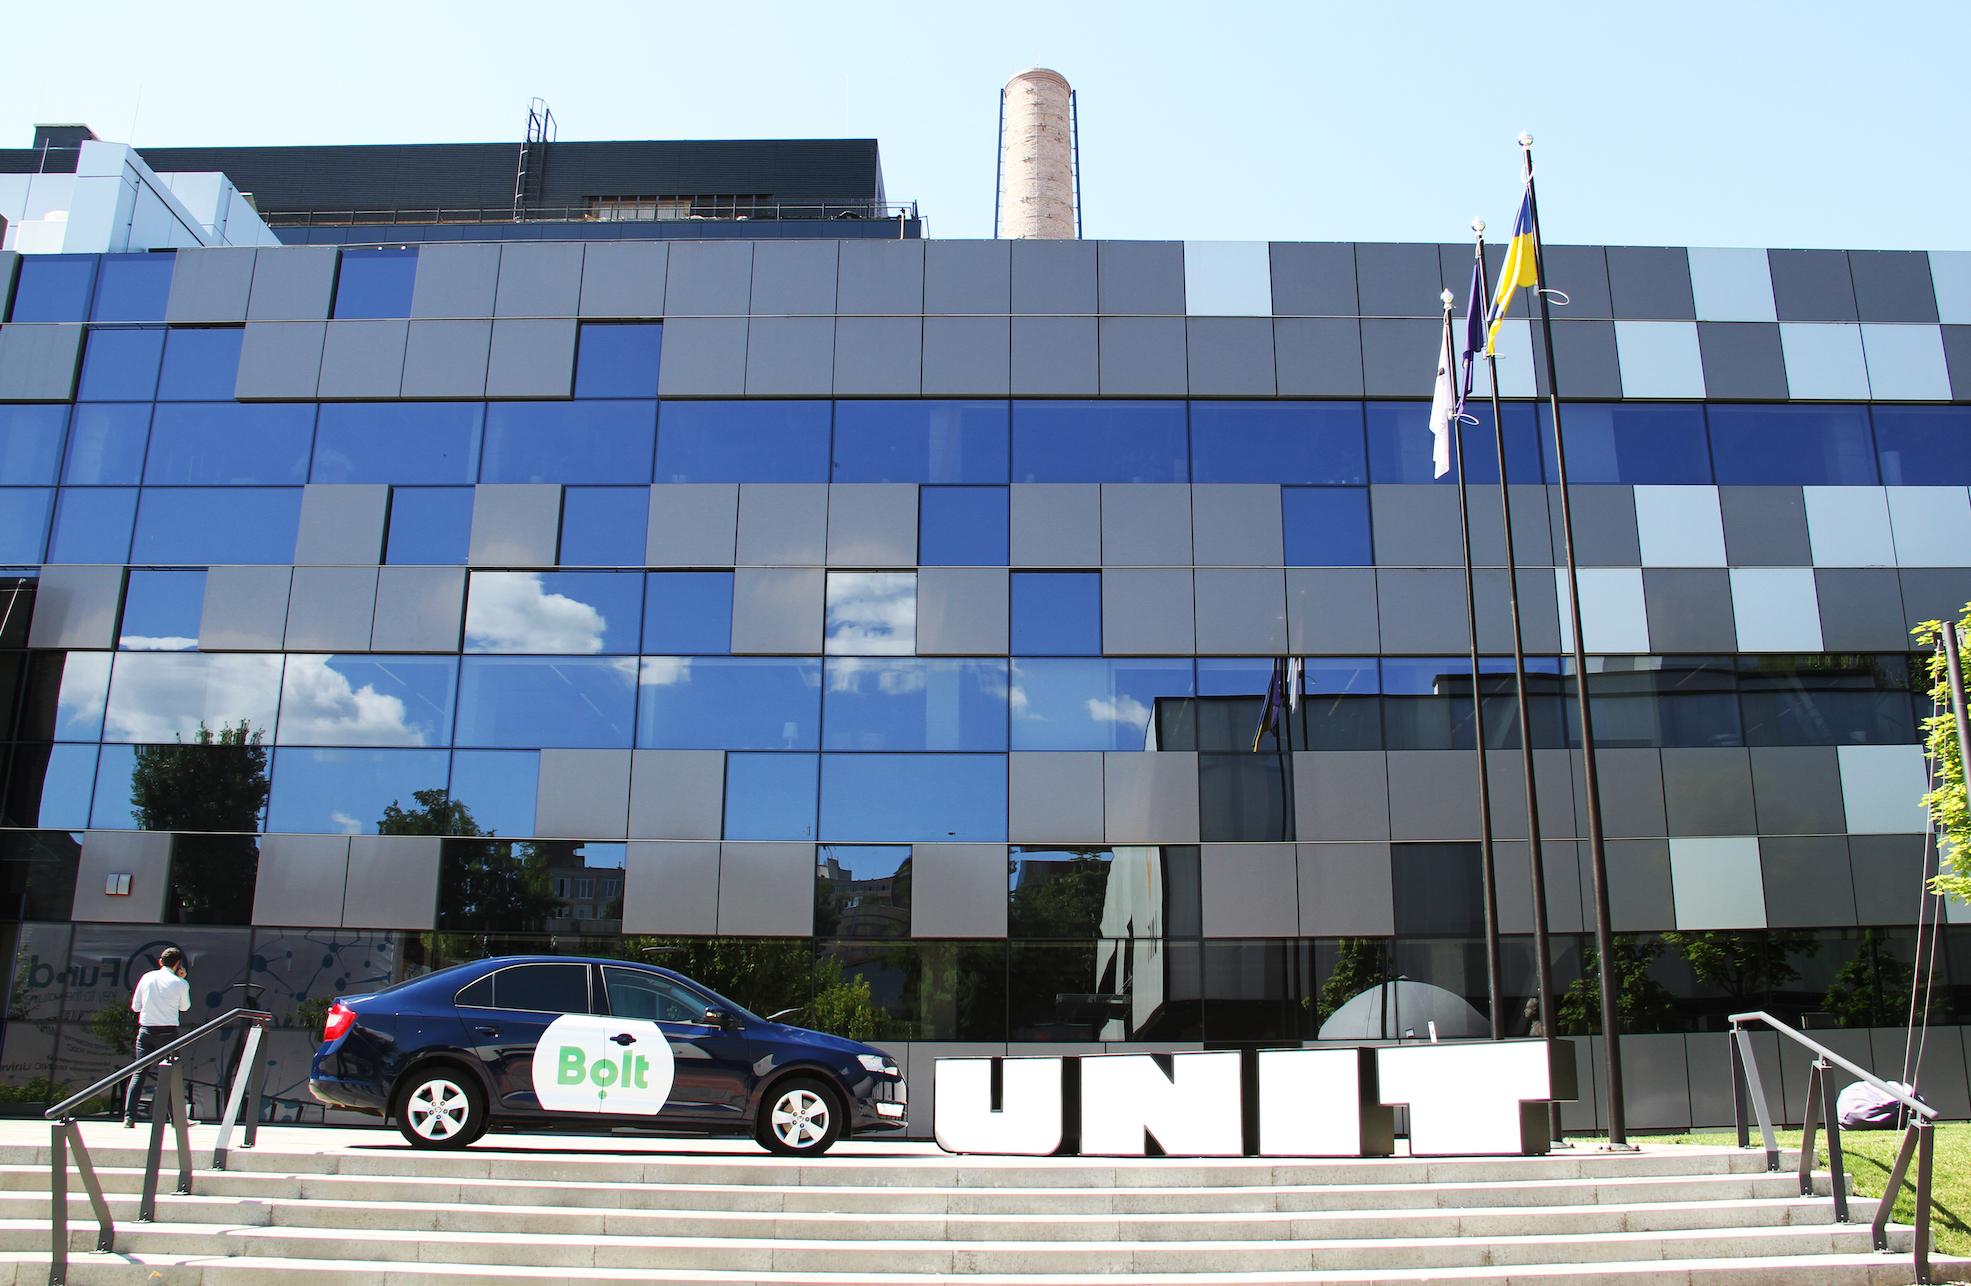 🚕 Bolt відкриє офіс та науково-дослідний центр в UNIT.City